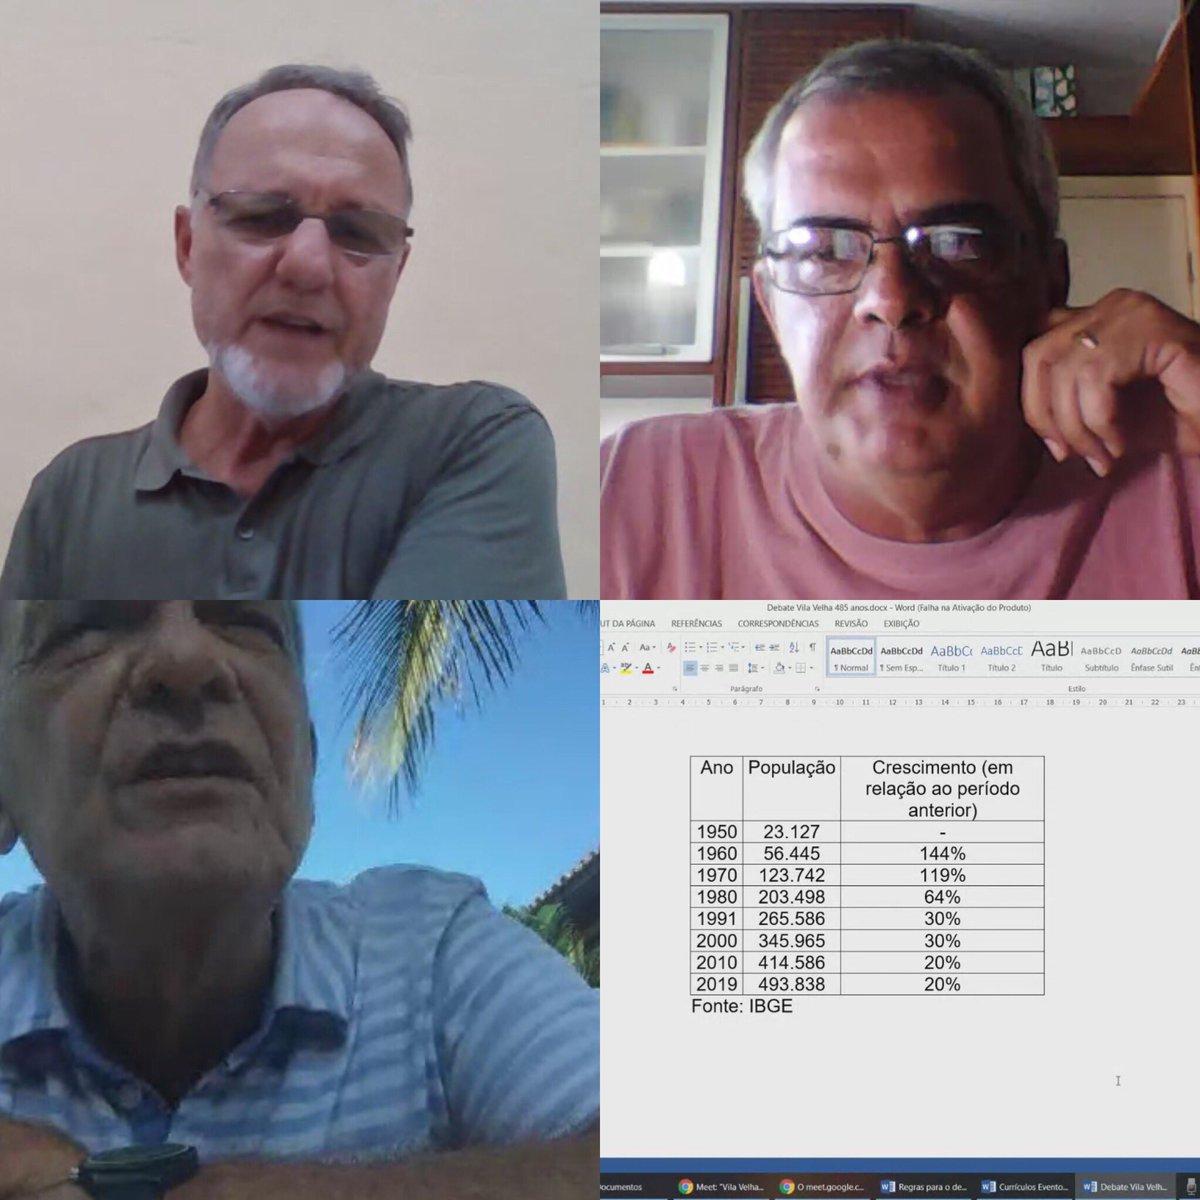 Hoje, tivemos boas aulas de história no Google Meet História e Identidade com Luiz Cláudio Ribeiro Rafael Simões e J. E. Franklin Leal. #vilavelha #485anos precisamos valorizar esses espaços de reflexão.pic.twitter.com/YTBaSBIw2p